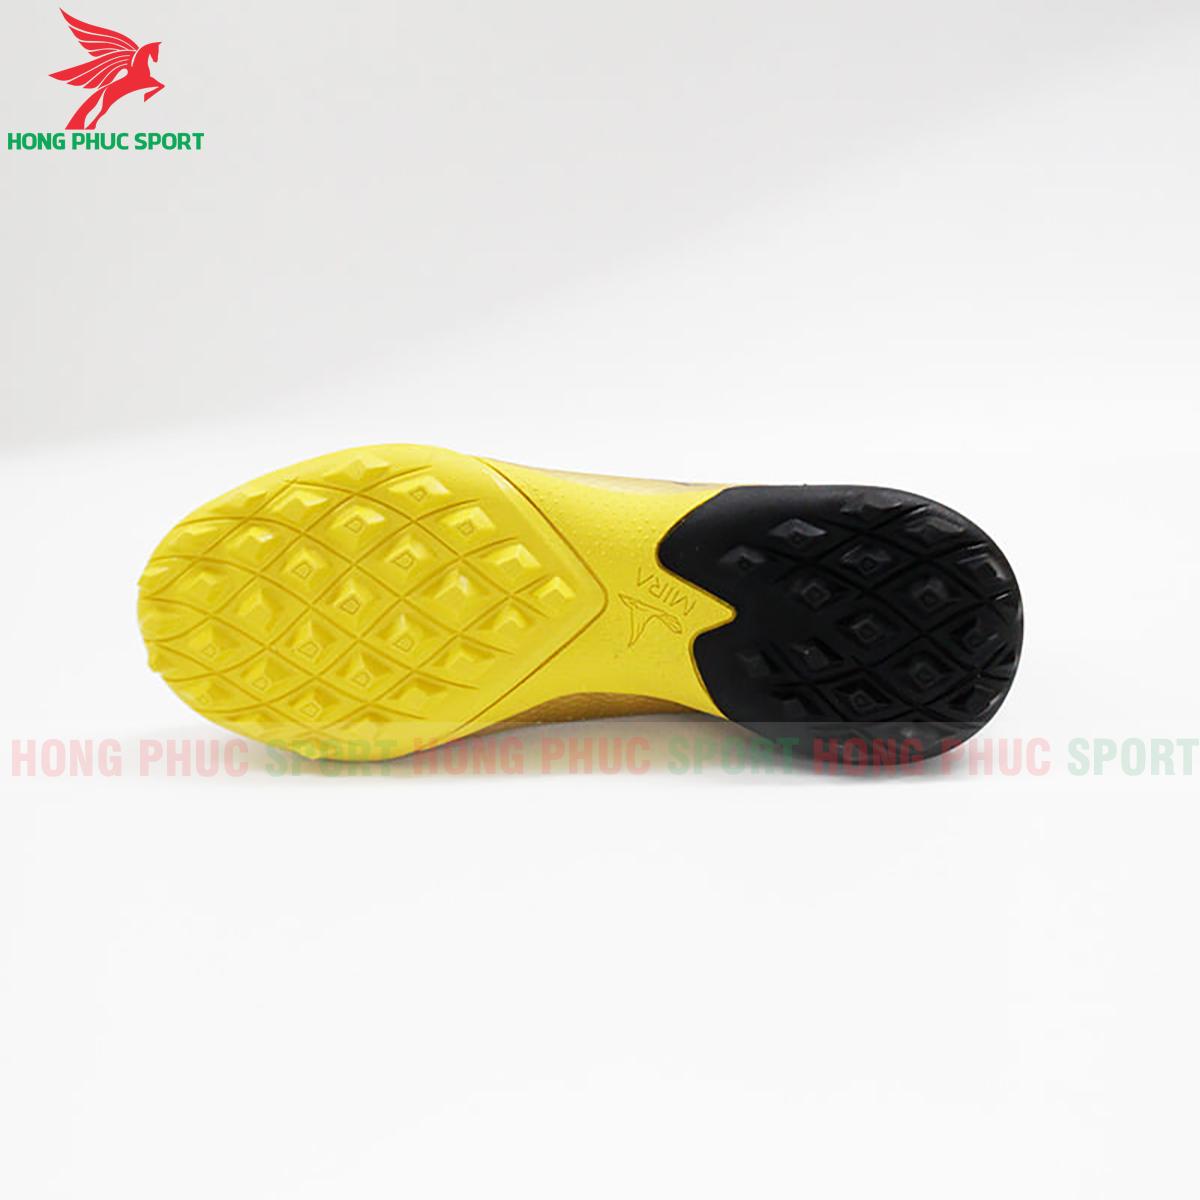 Giày Mira Lux 20.3 sân cỏ nhân tạo vàng phối đen (đế)